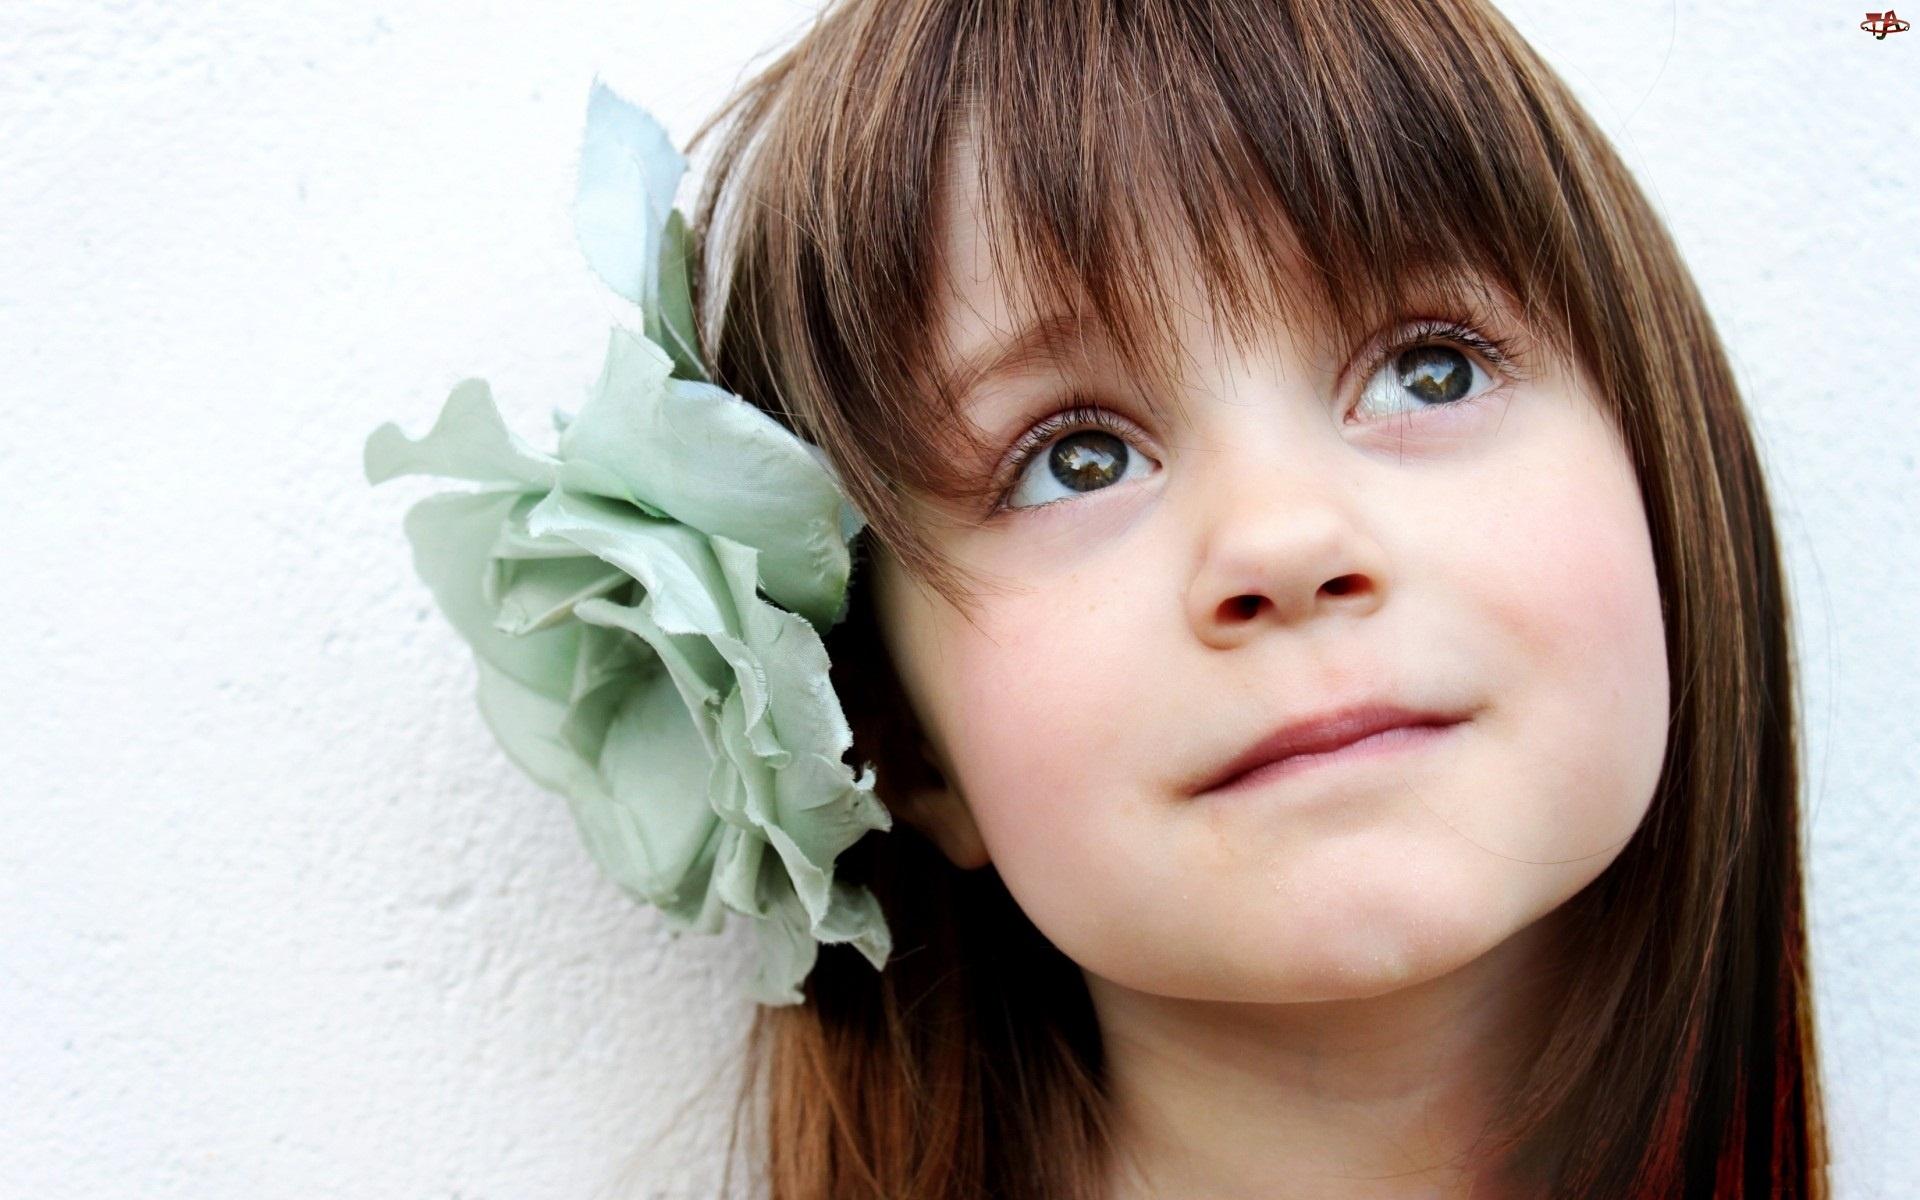 Dziewczynka, Kwiat, Uśmiech, Niebieski